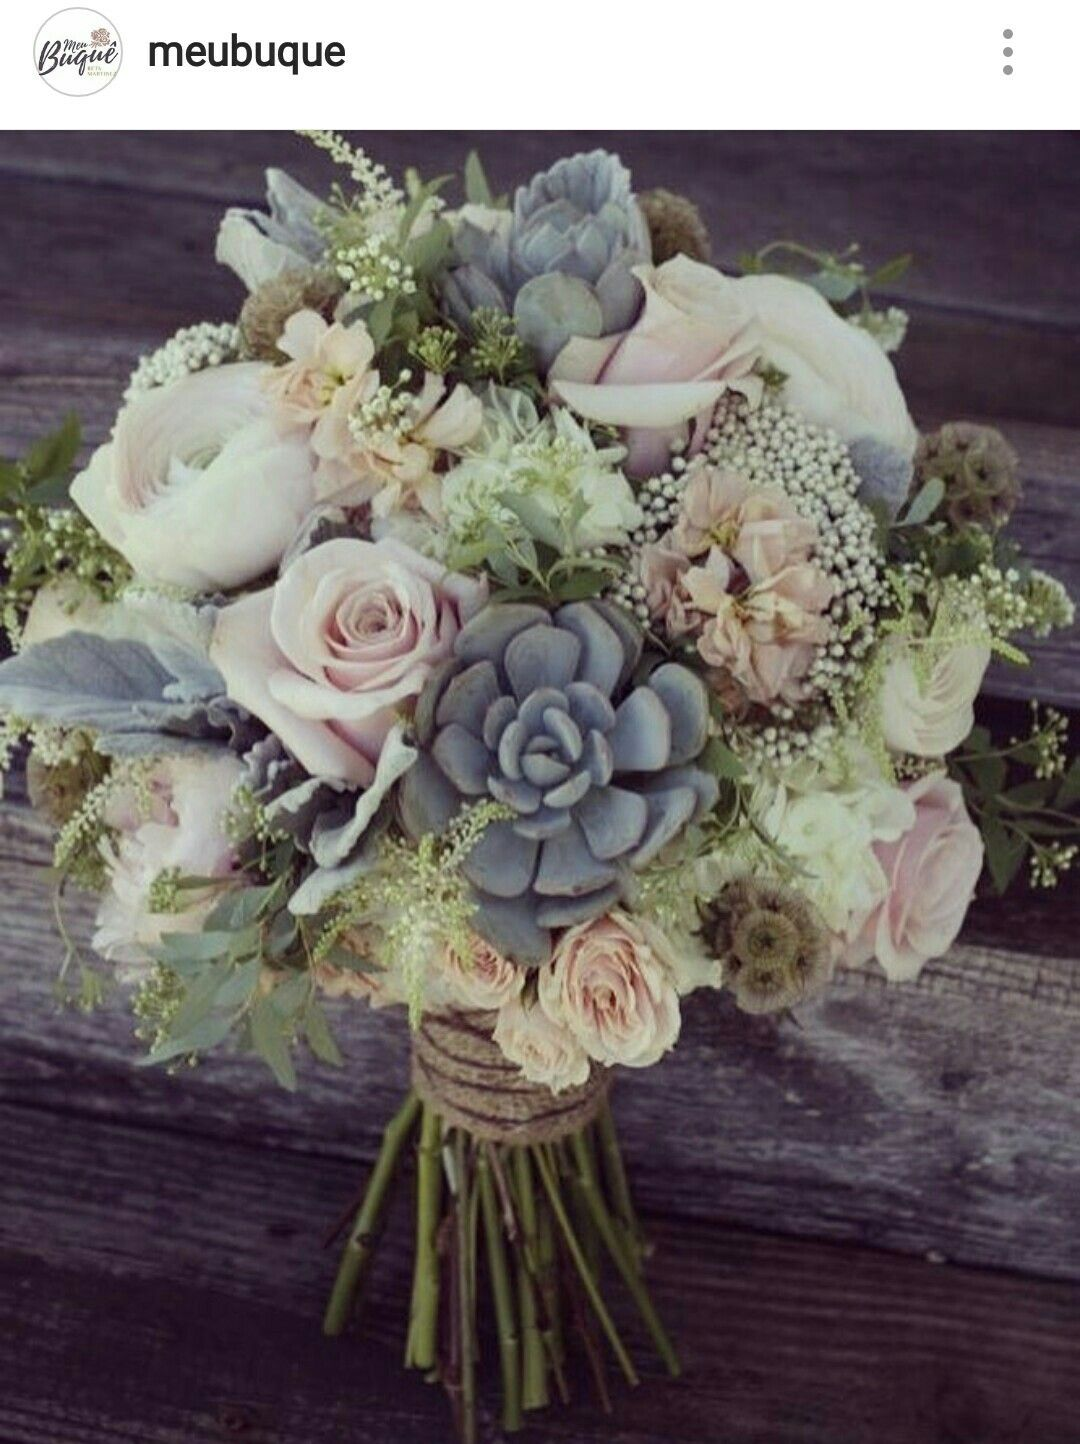 Pin von Ariko Schamschula auf Blumenarrangements